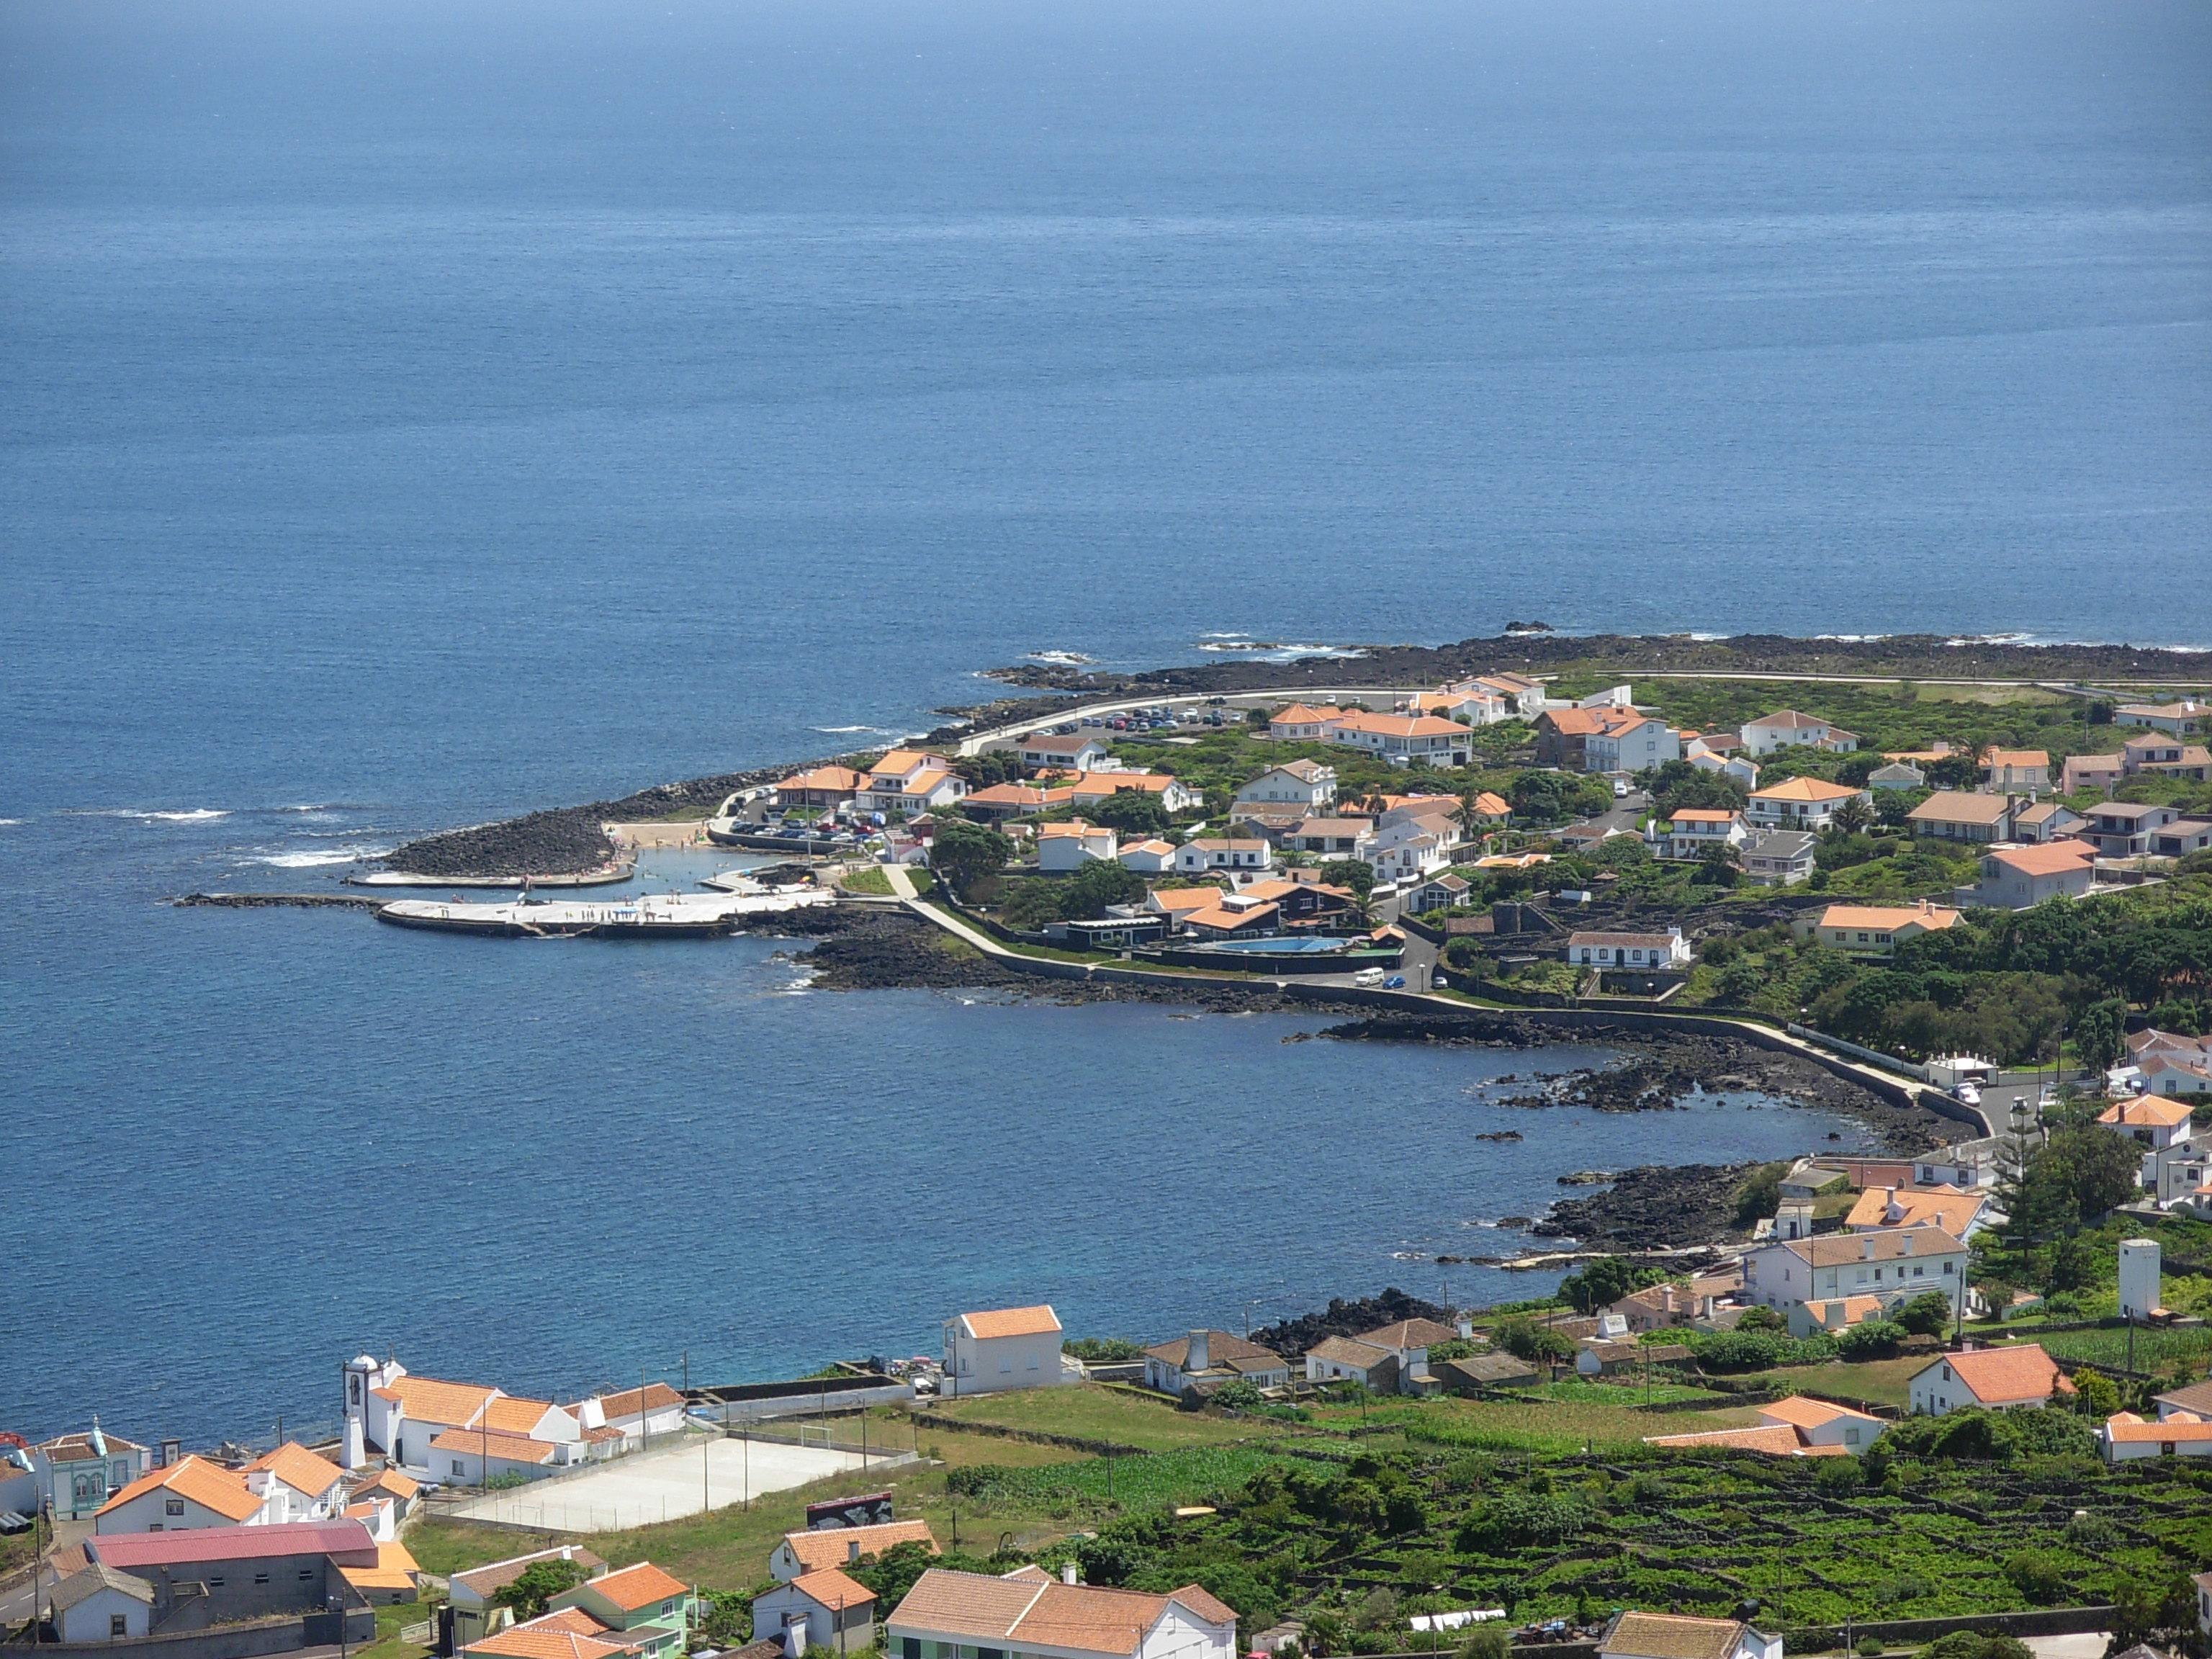 Noleggio Barche Porto Martins - Navalia | Noleggia un Sogno